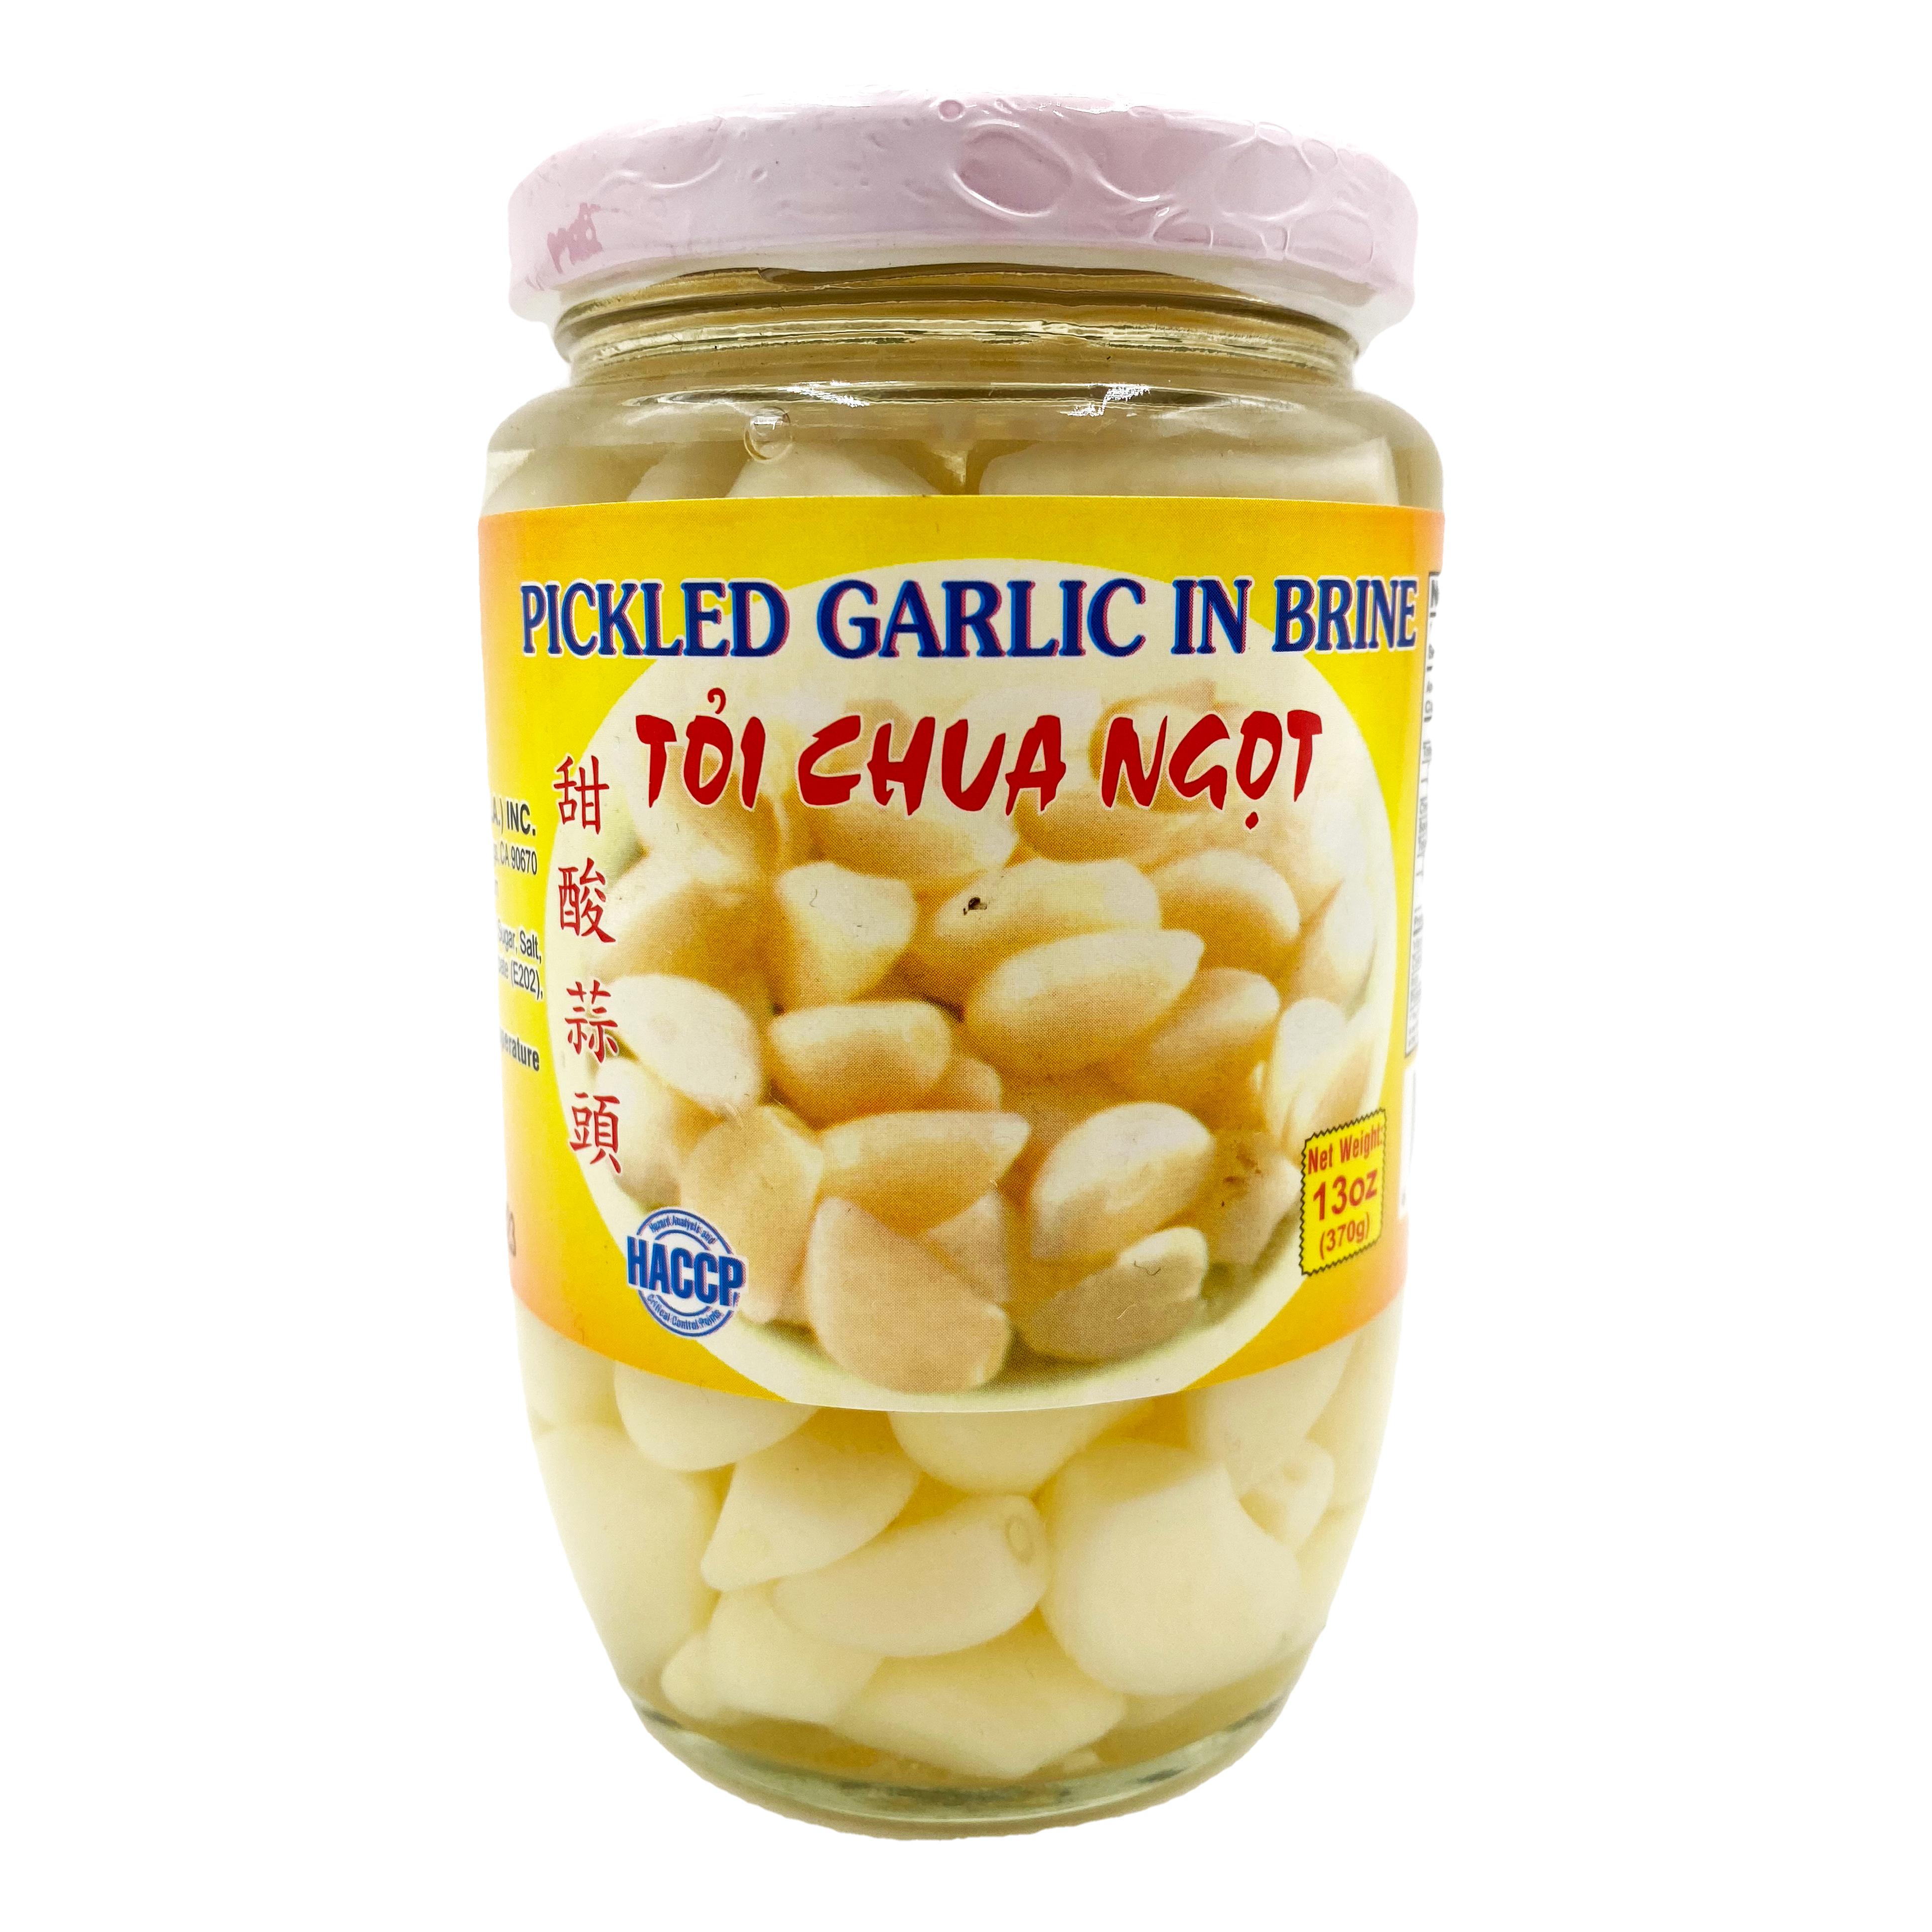 ROCKMAN Pickled Garlic In Brine / Toi Chua Ngot 13 OZ